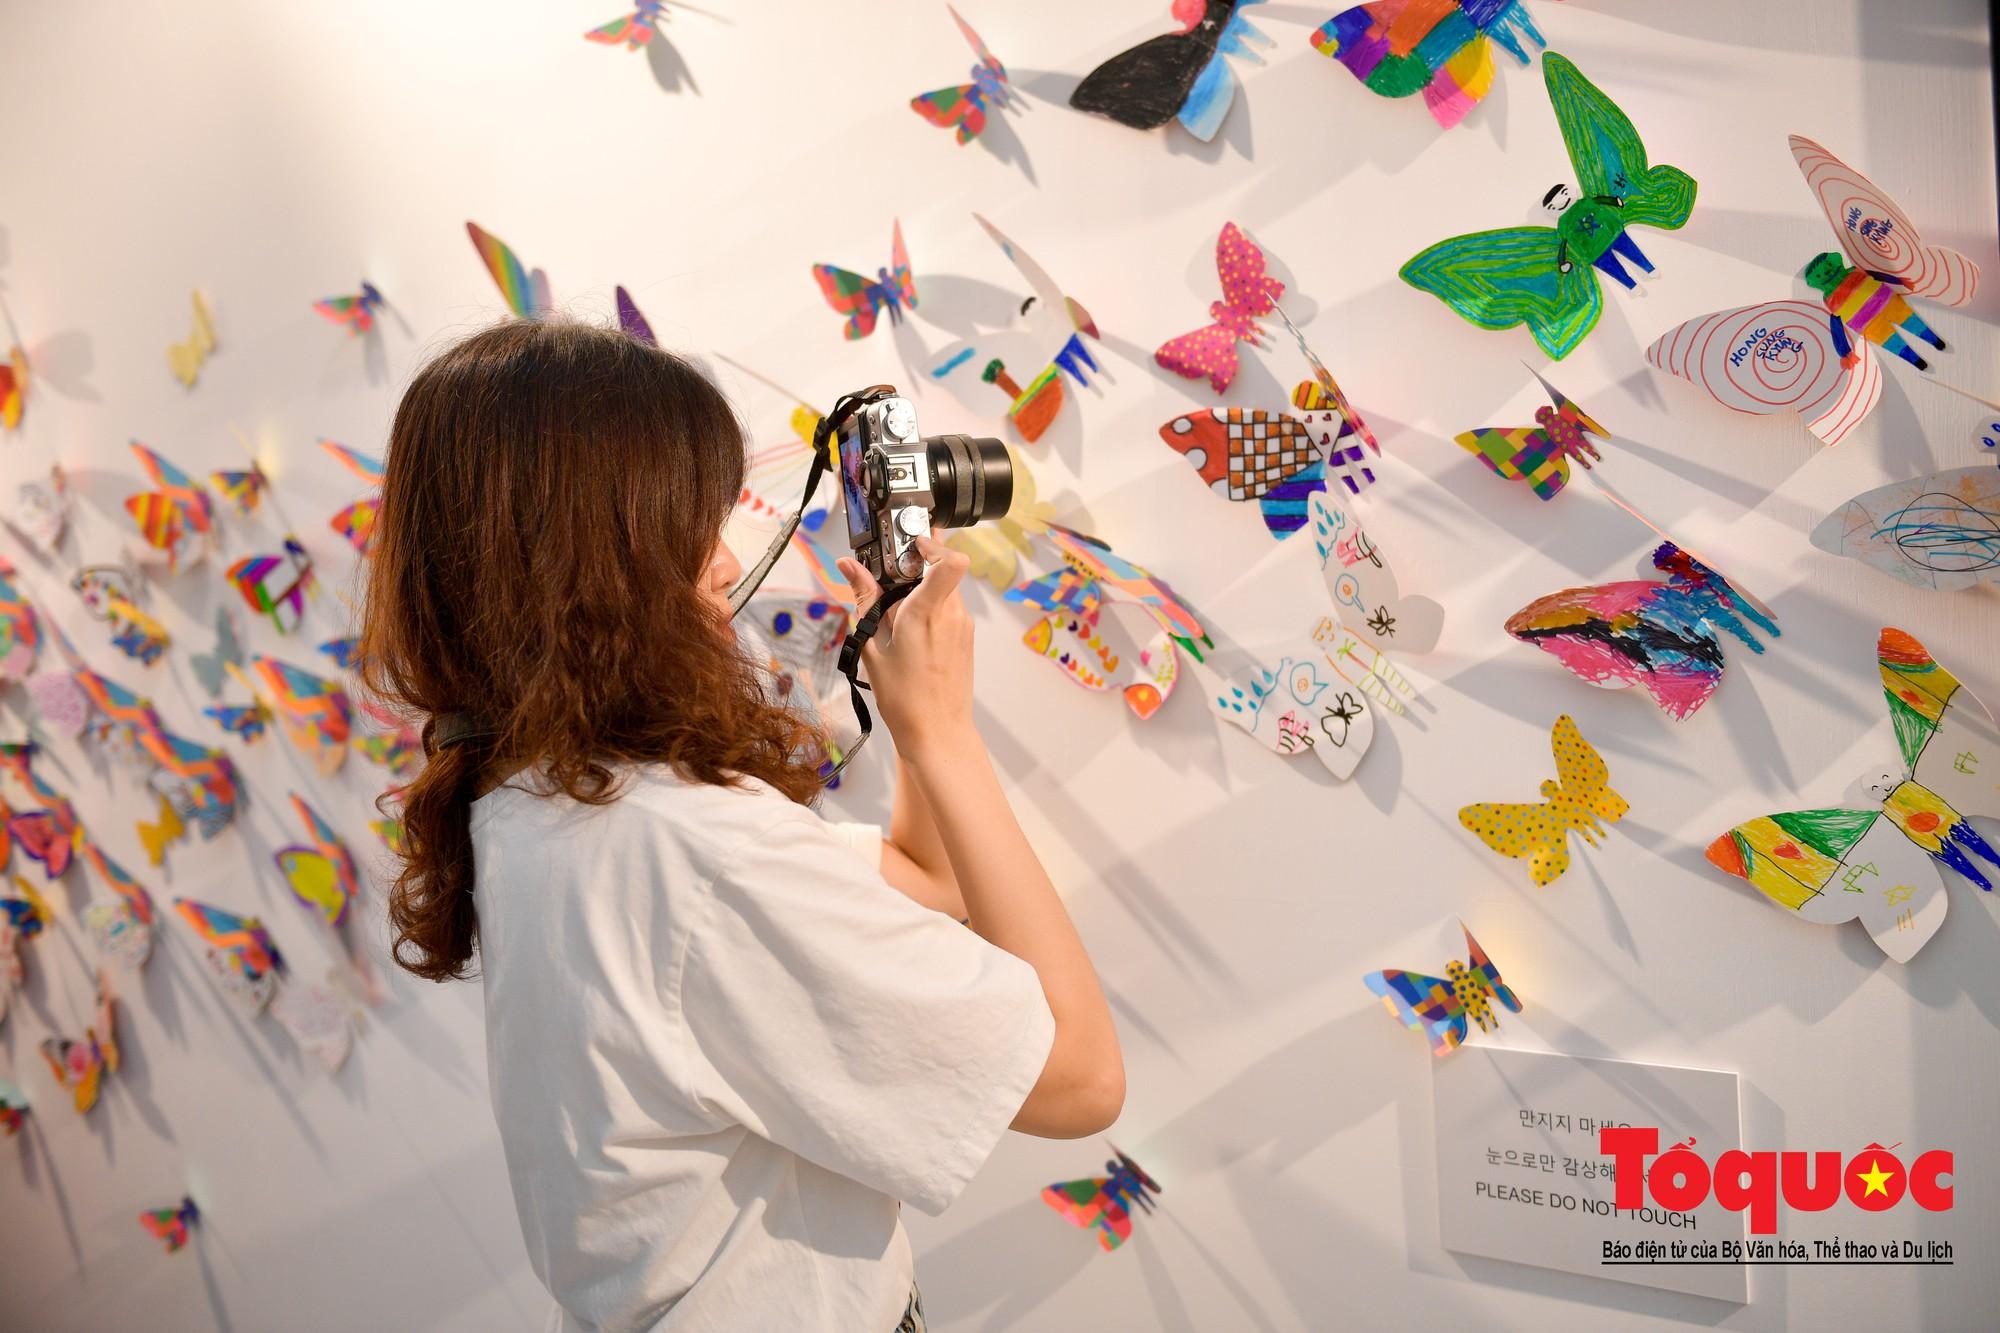 Hàng ngàn cánh bướm mang thông điệp hoà bình giữa lòng Hà Nội16